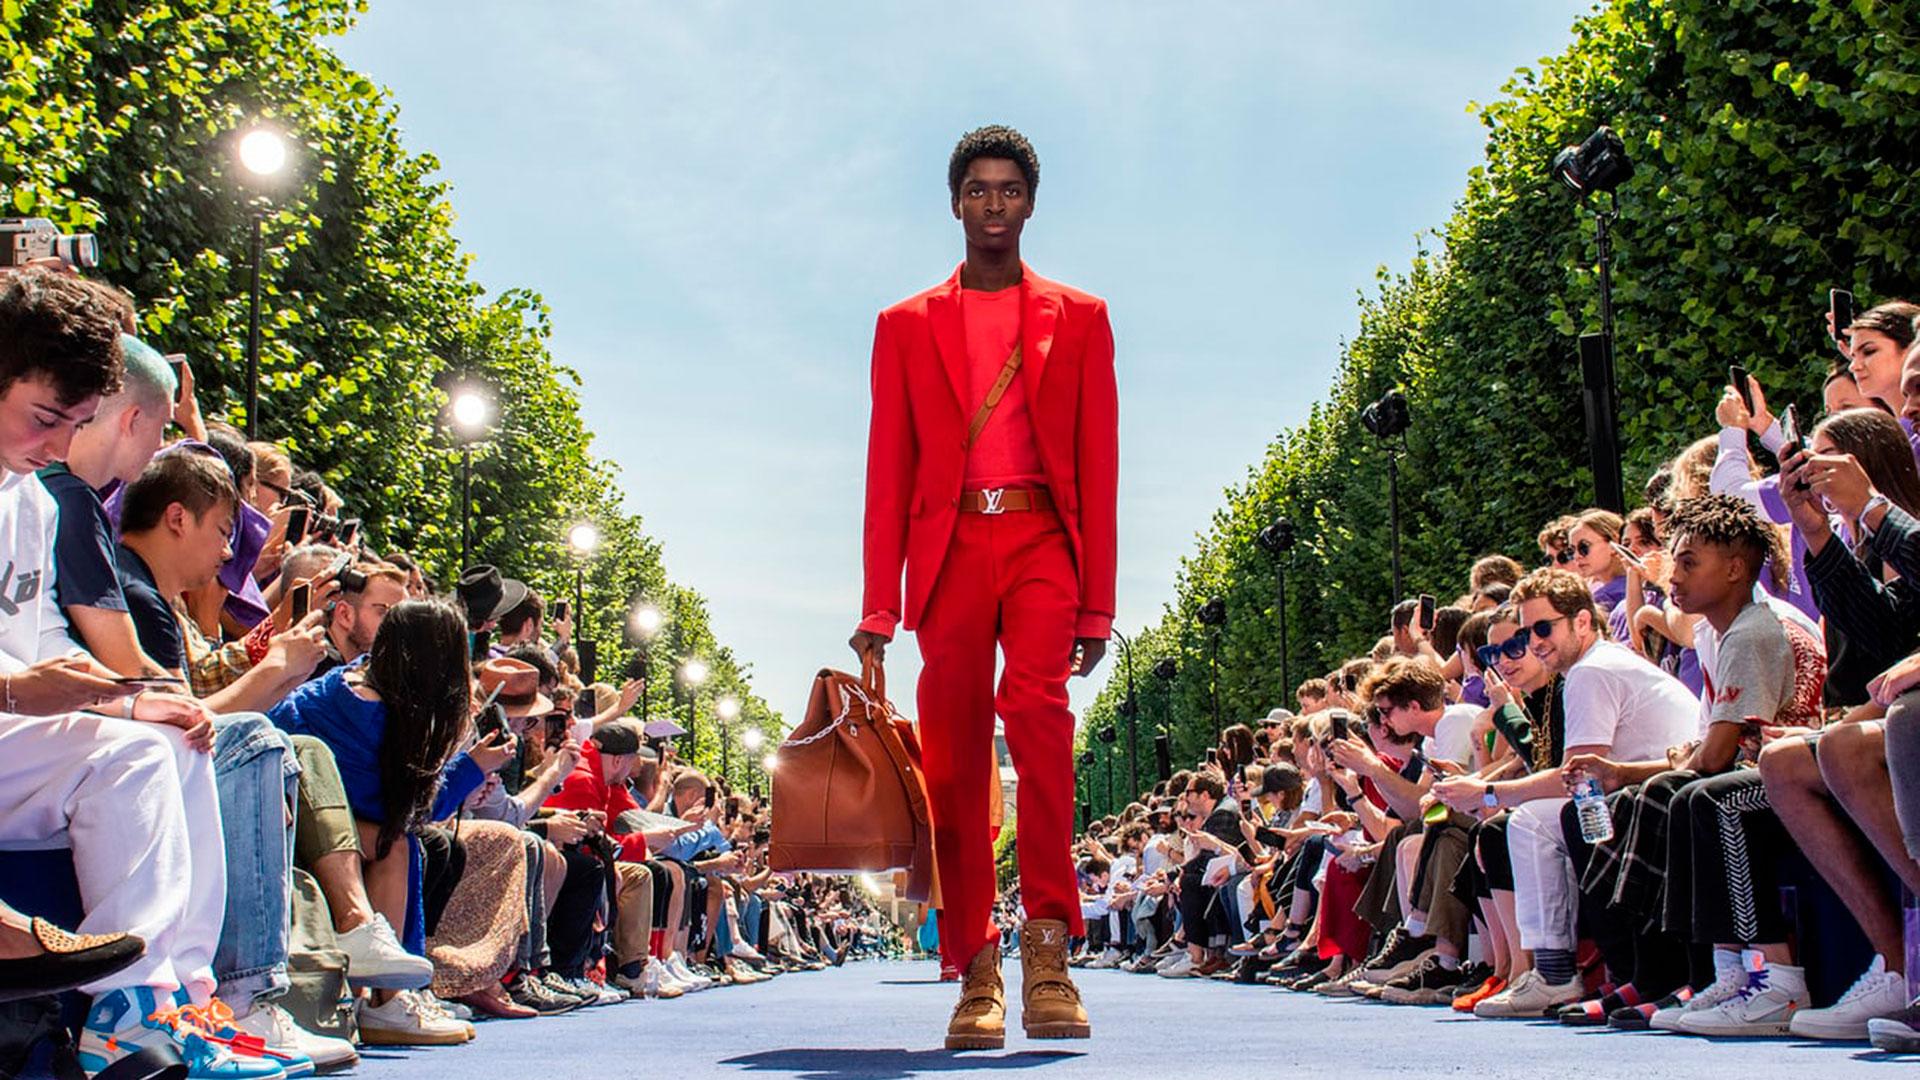 La primera colección de Virgil Abloh para Vuitton se impregna del afro